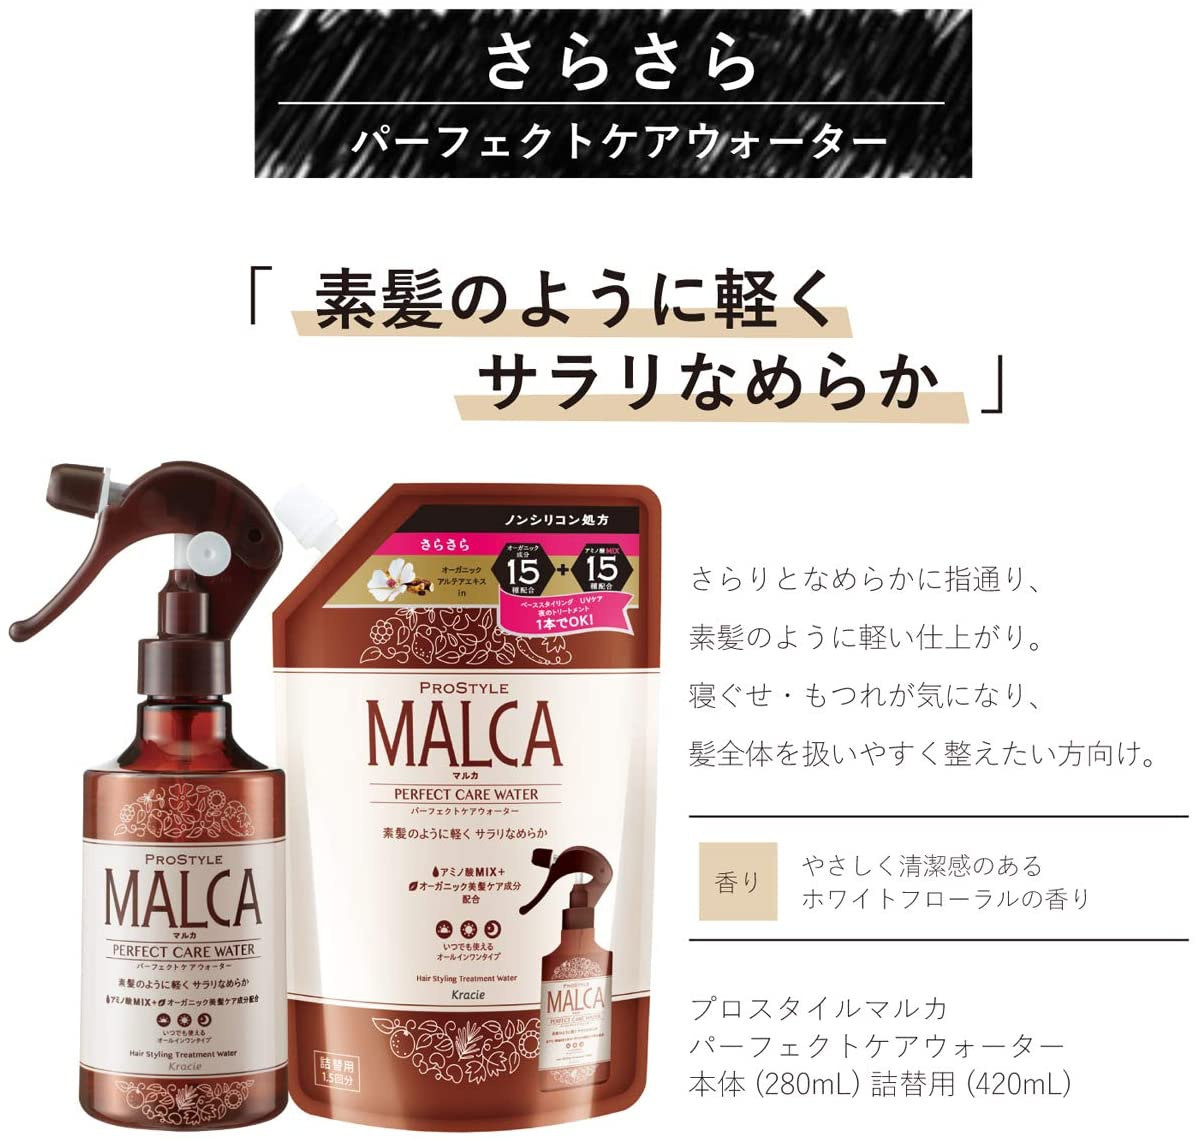 PROSTYLE MALCA(プロスタイルマルカ) パーフェクトケアウォーターの商品画像7